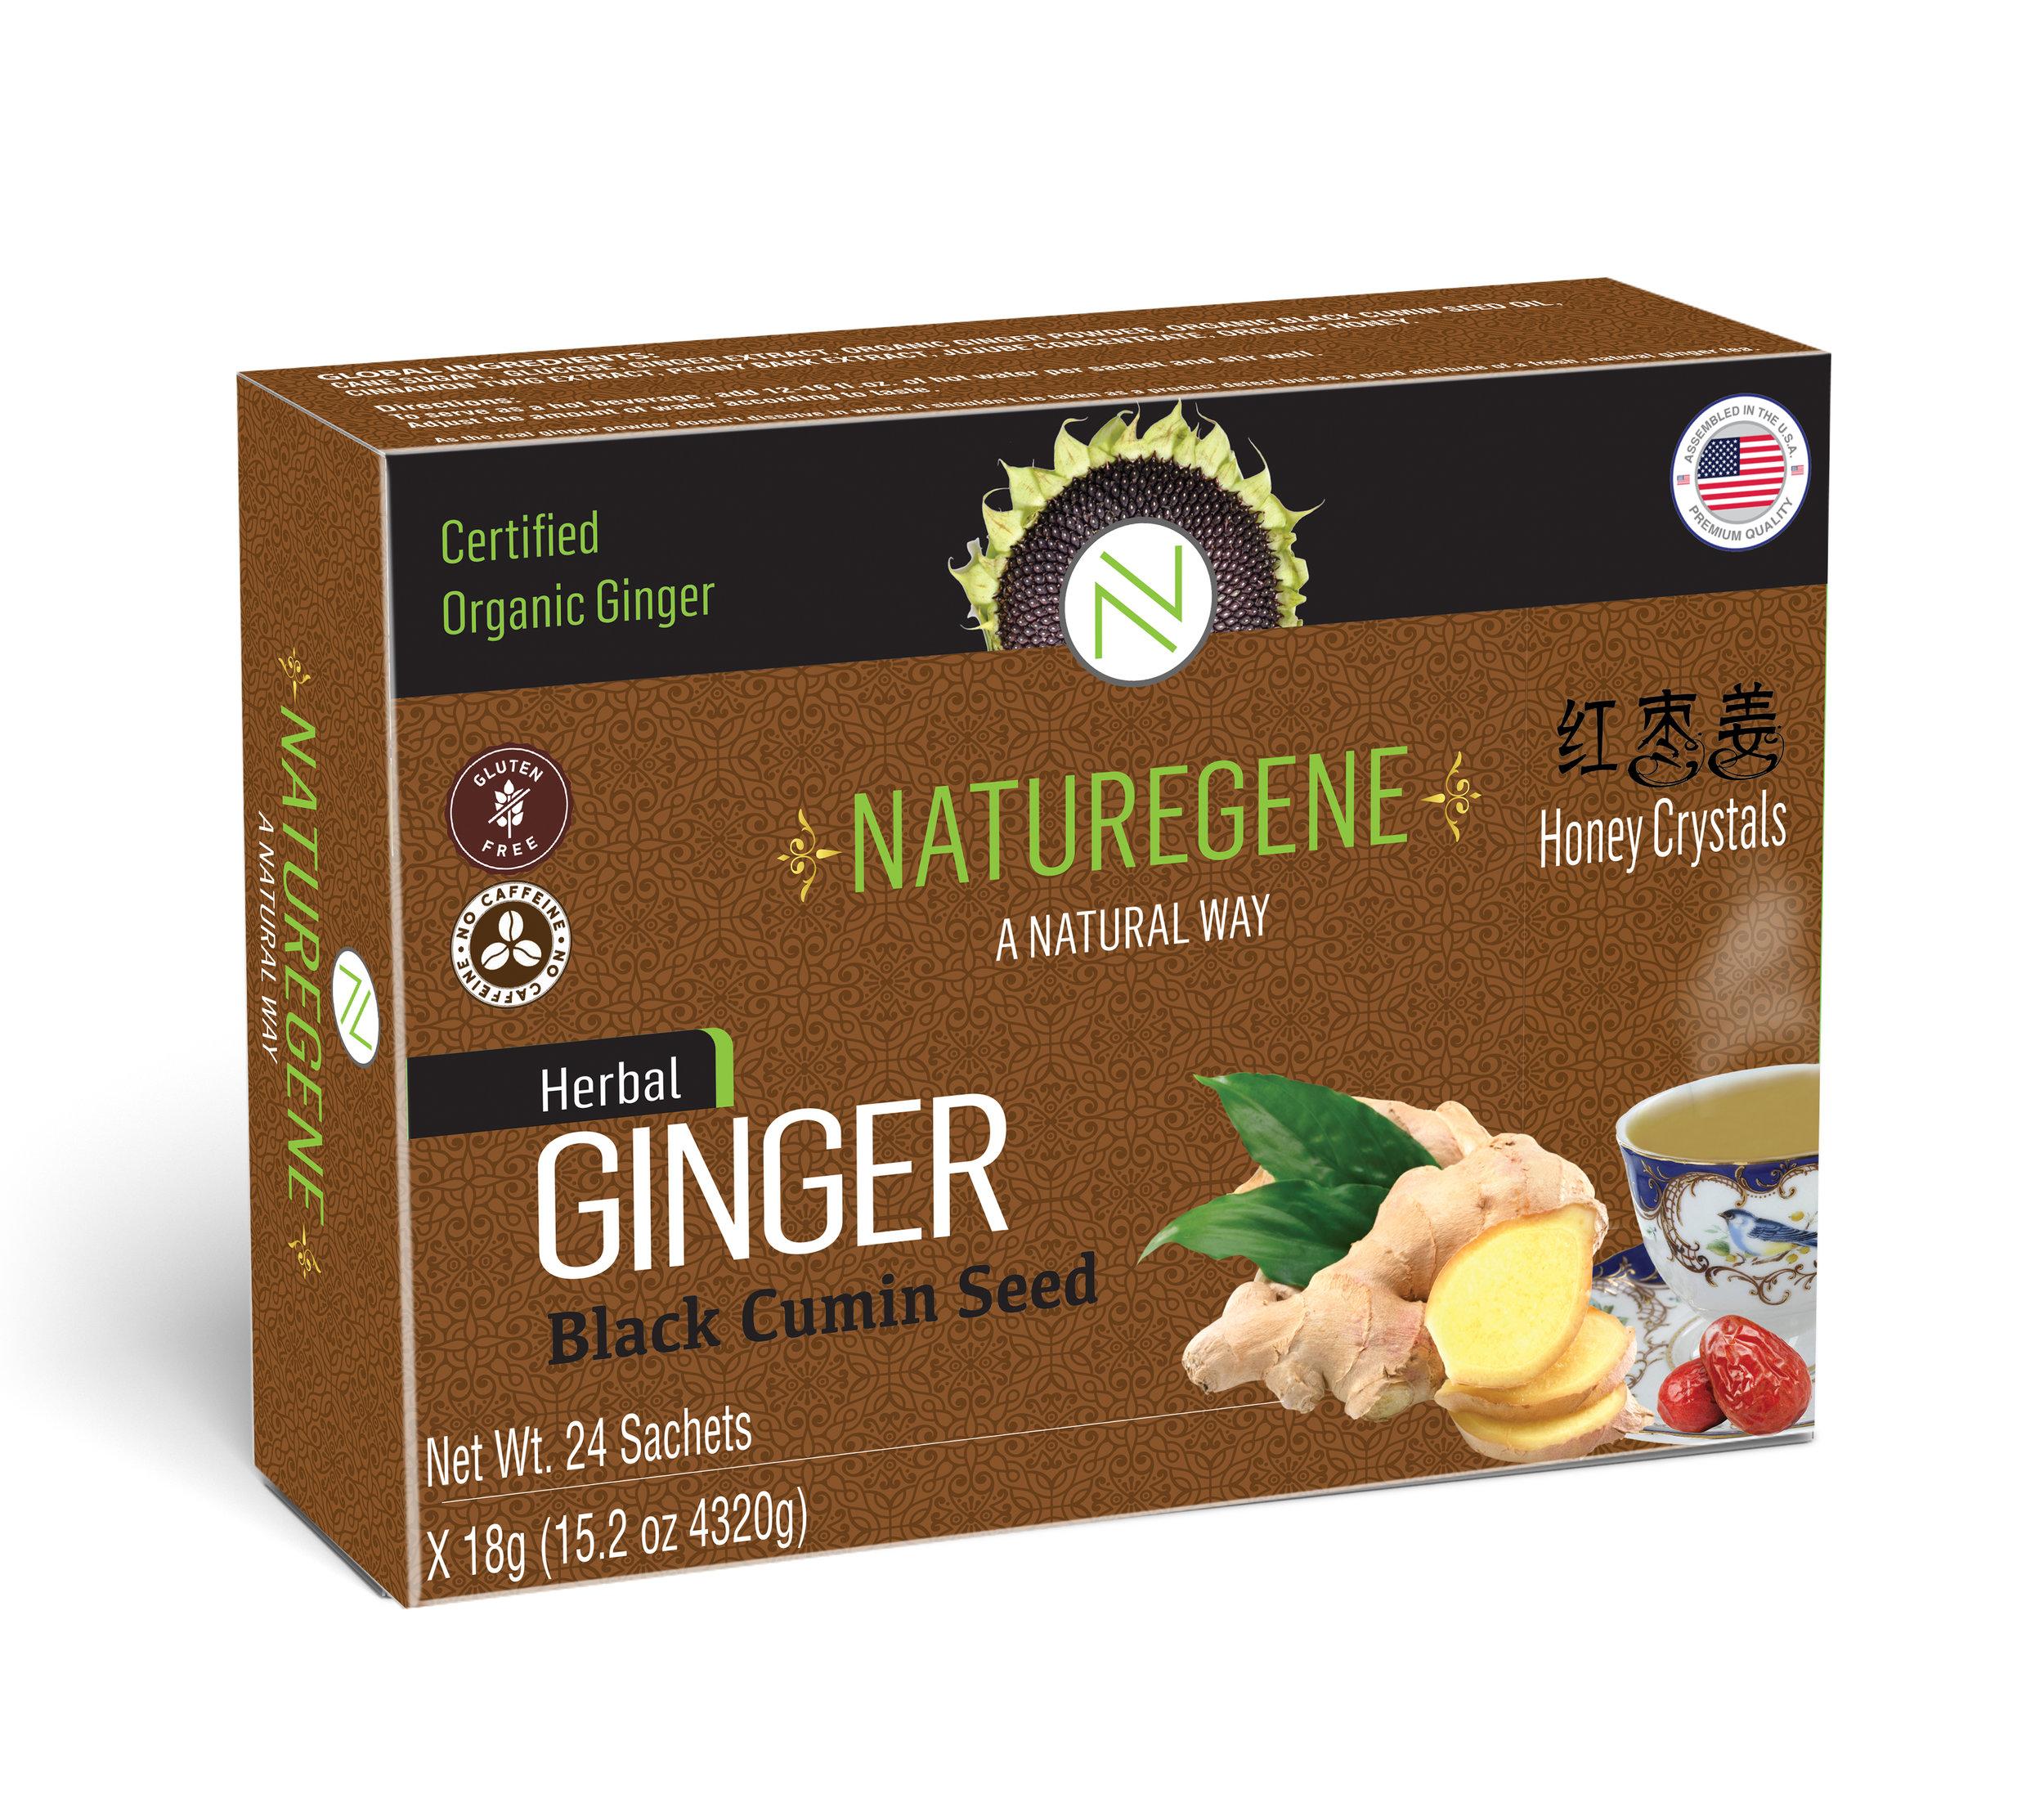 NatureGene Ginger Honey Crystal - with Black Cumin Seed 15 oz